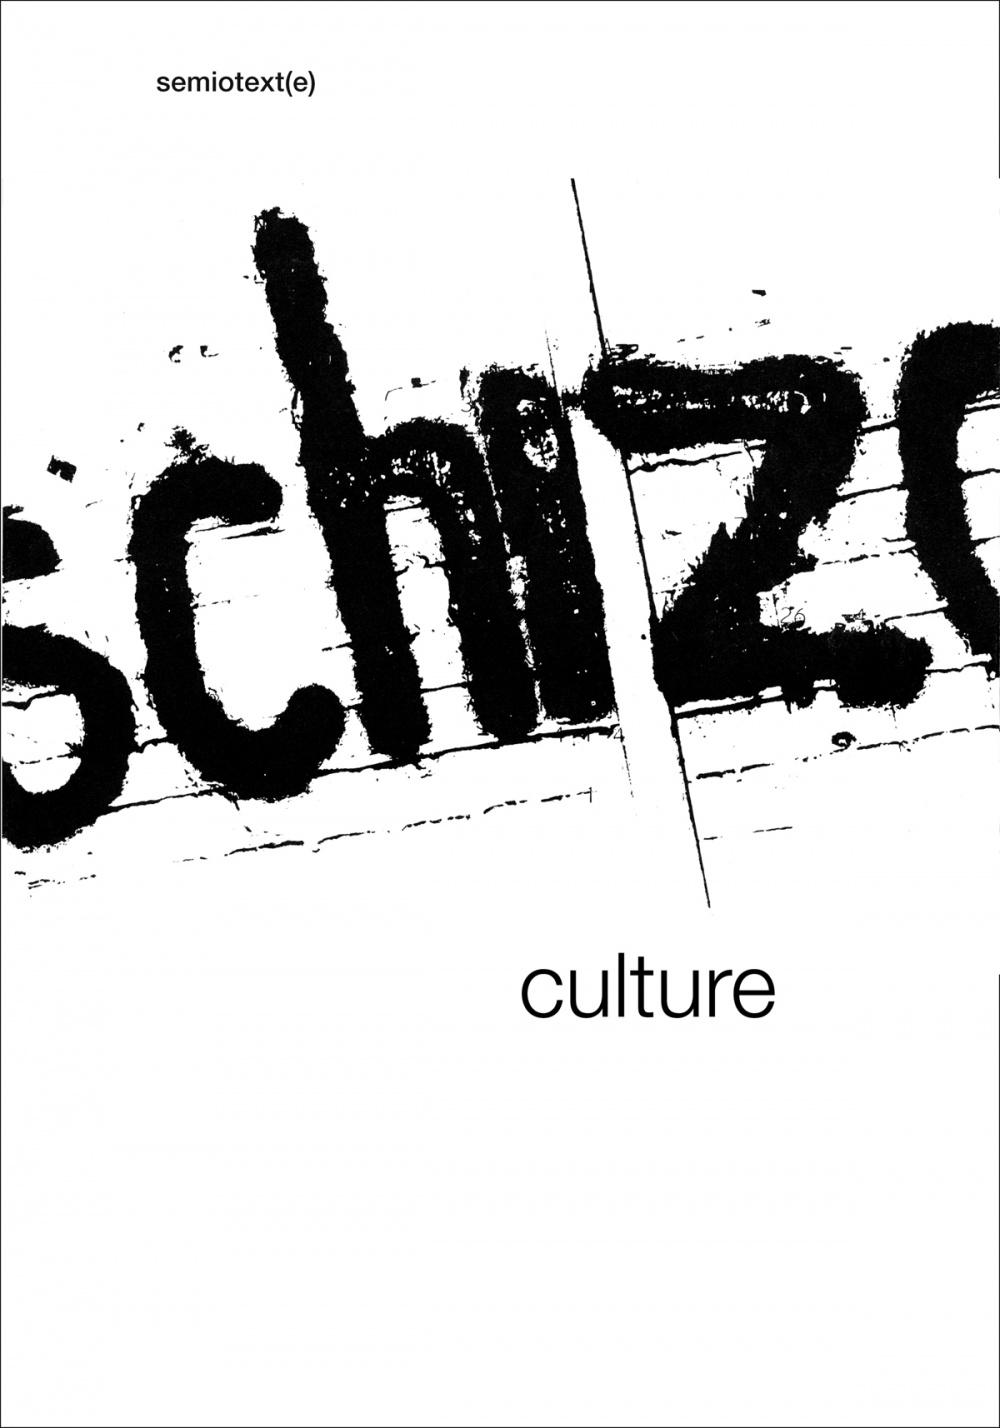 Schizo-Culture: The Event, The Book - Semiotext(e)